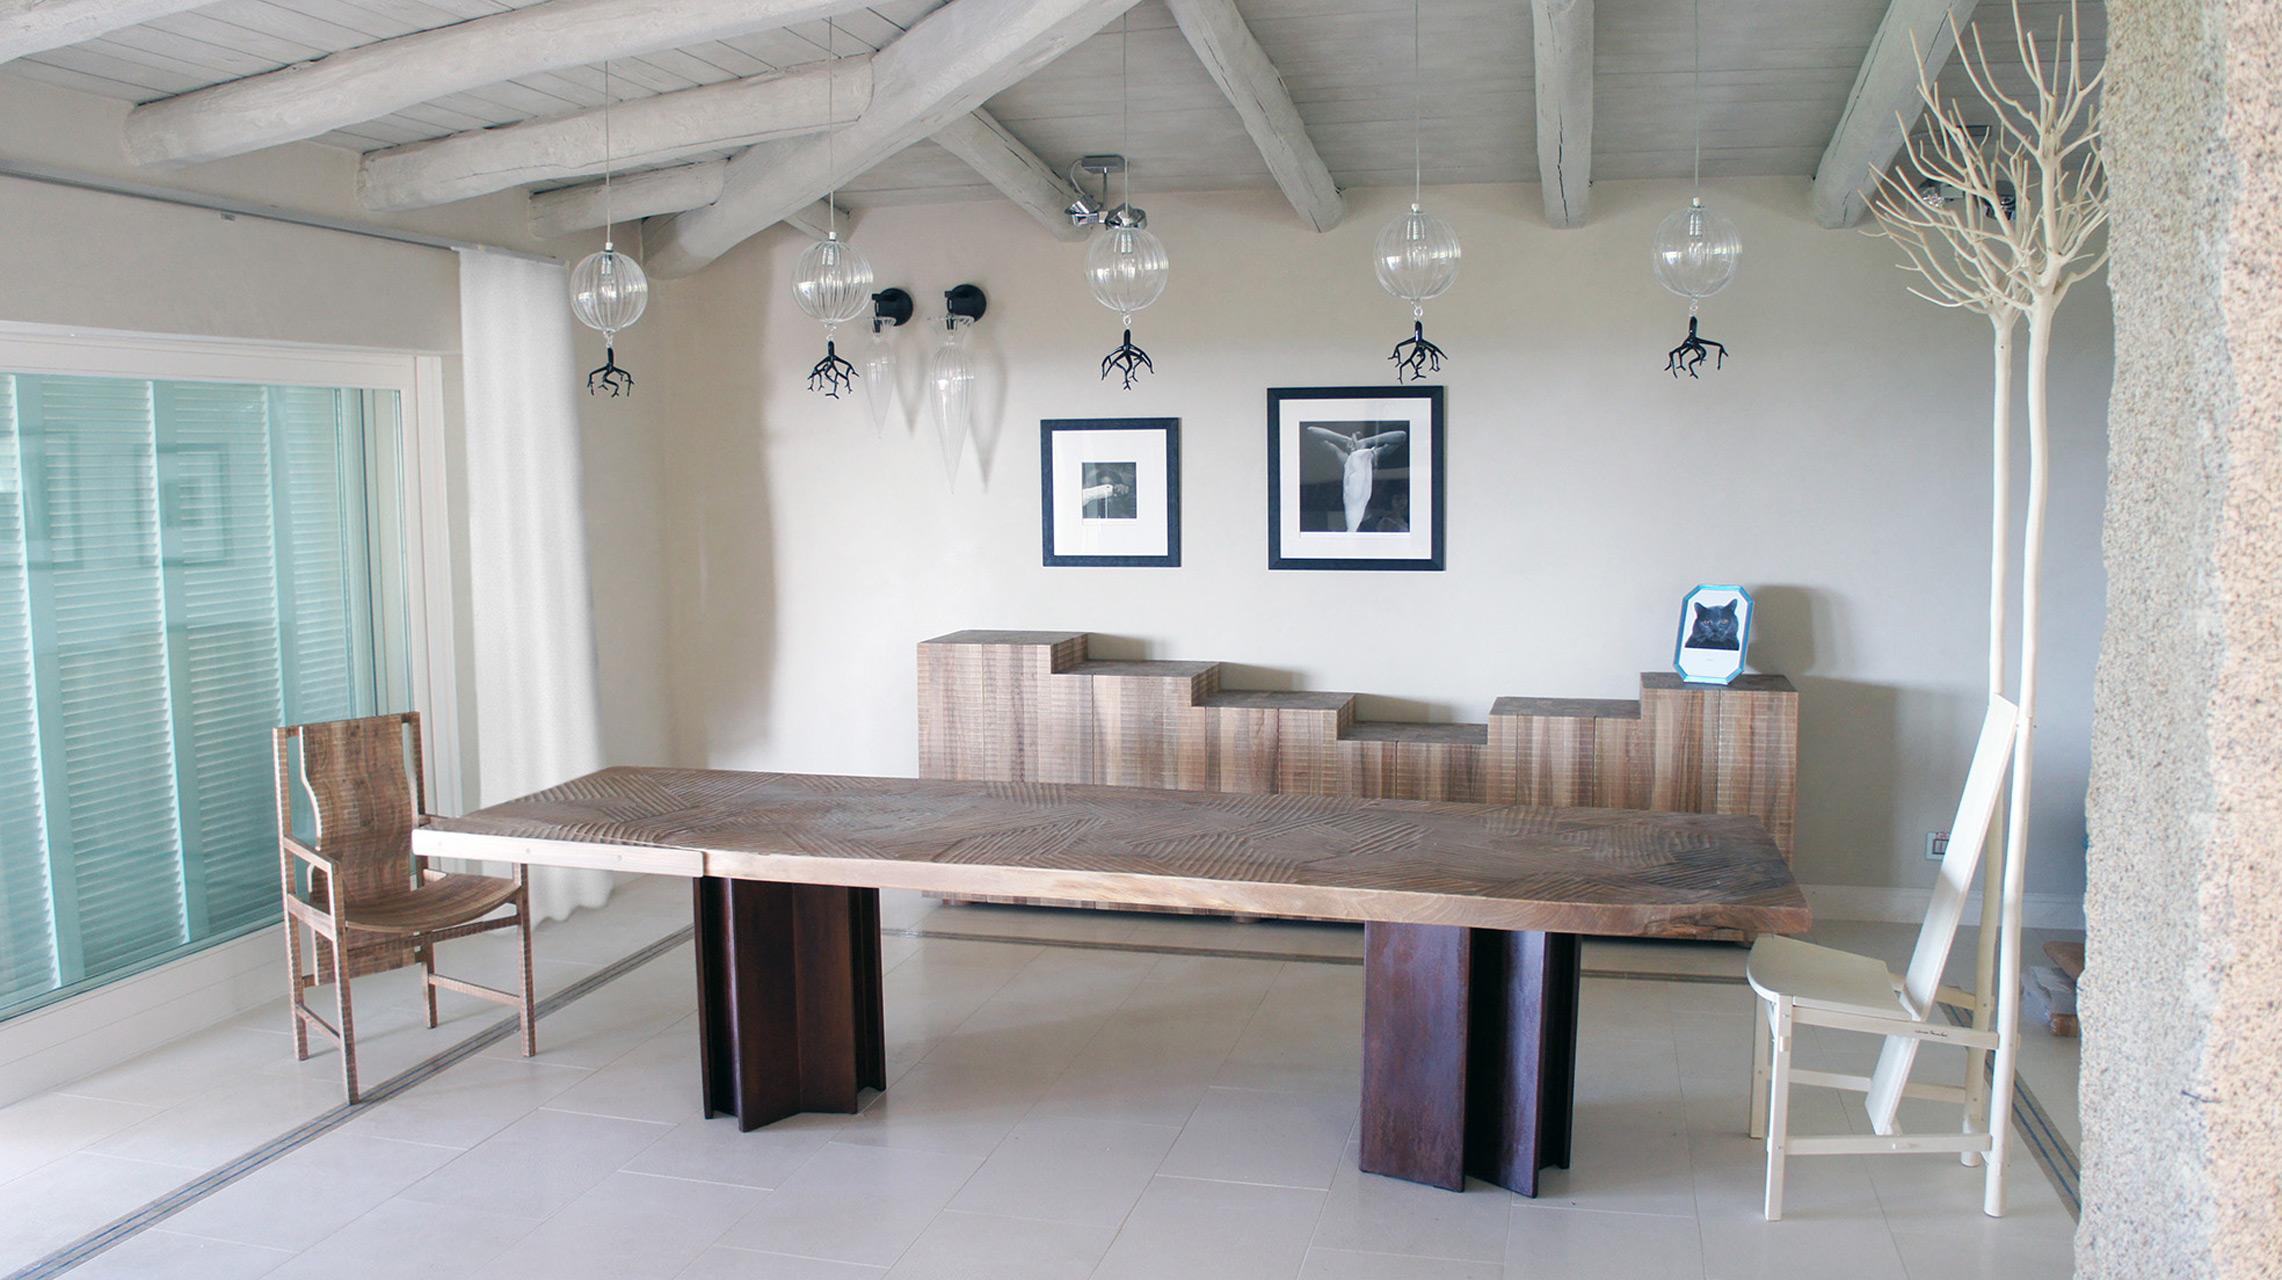 Bespoke table with corten steel legs and Italian walnut top. Nova dresser in Italian walnut Pisana armchair in Italian walnut. Fiorita chair in maple.